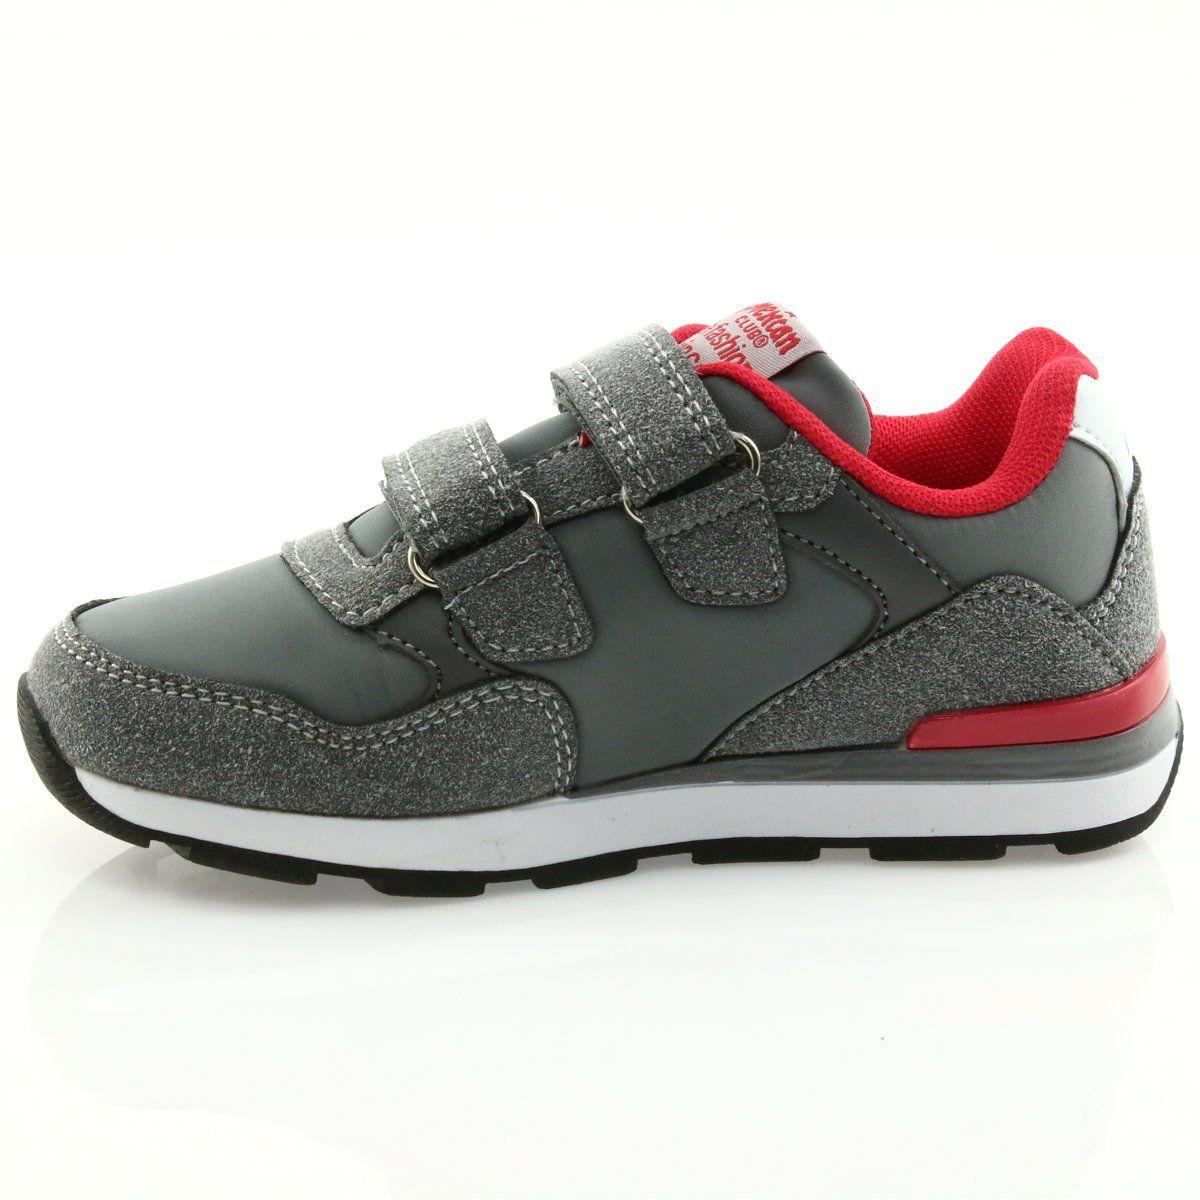 acheter chaussure Adidas ZX Flux ADV X 'Yeezy 350' Light